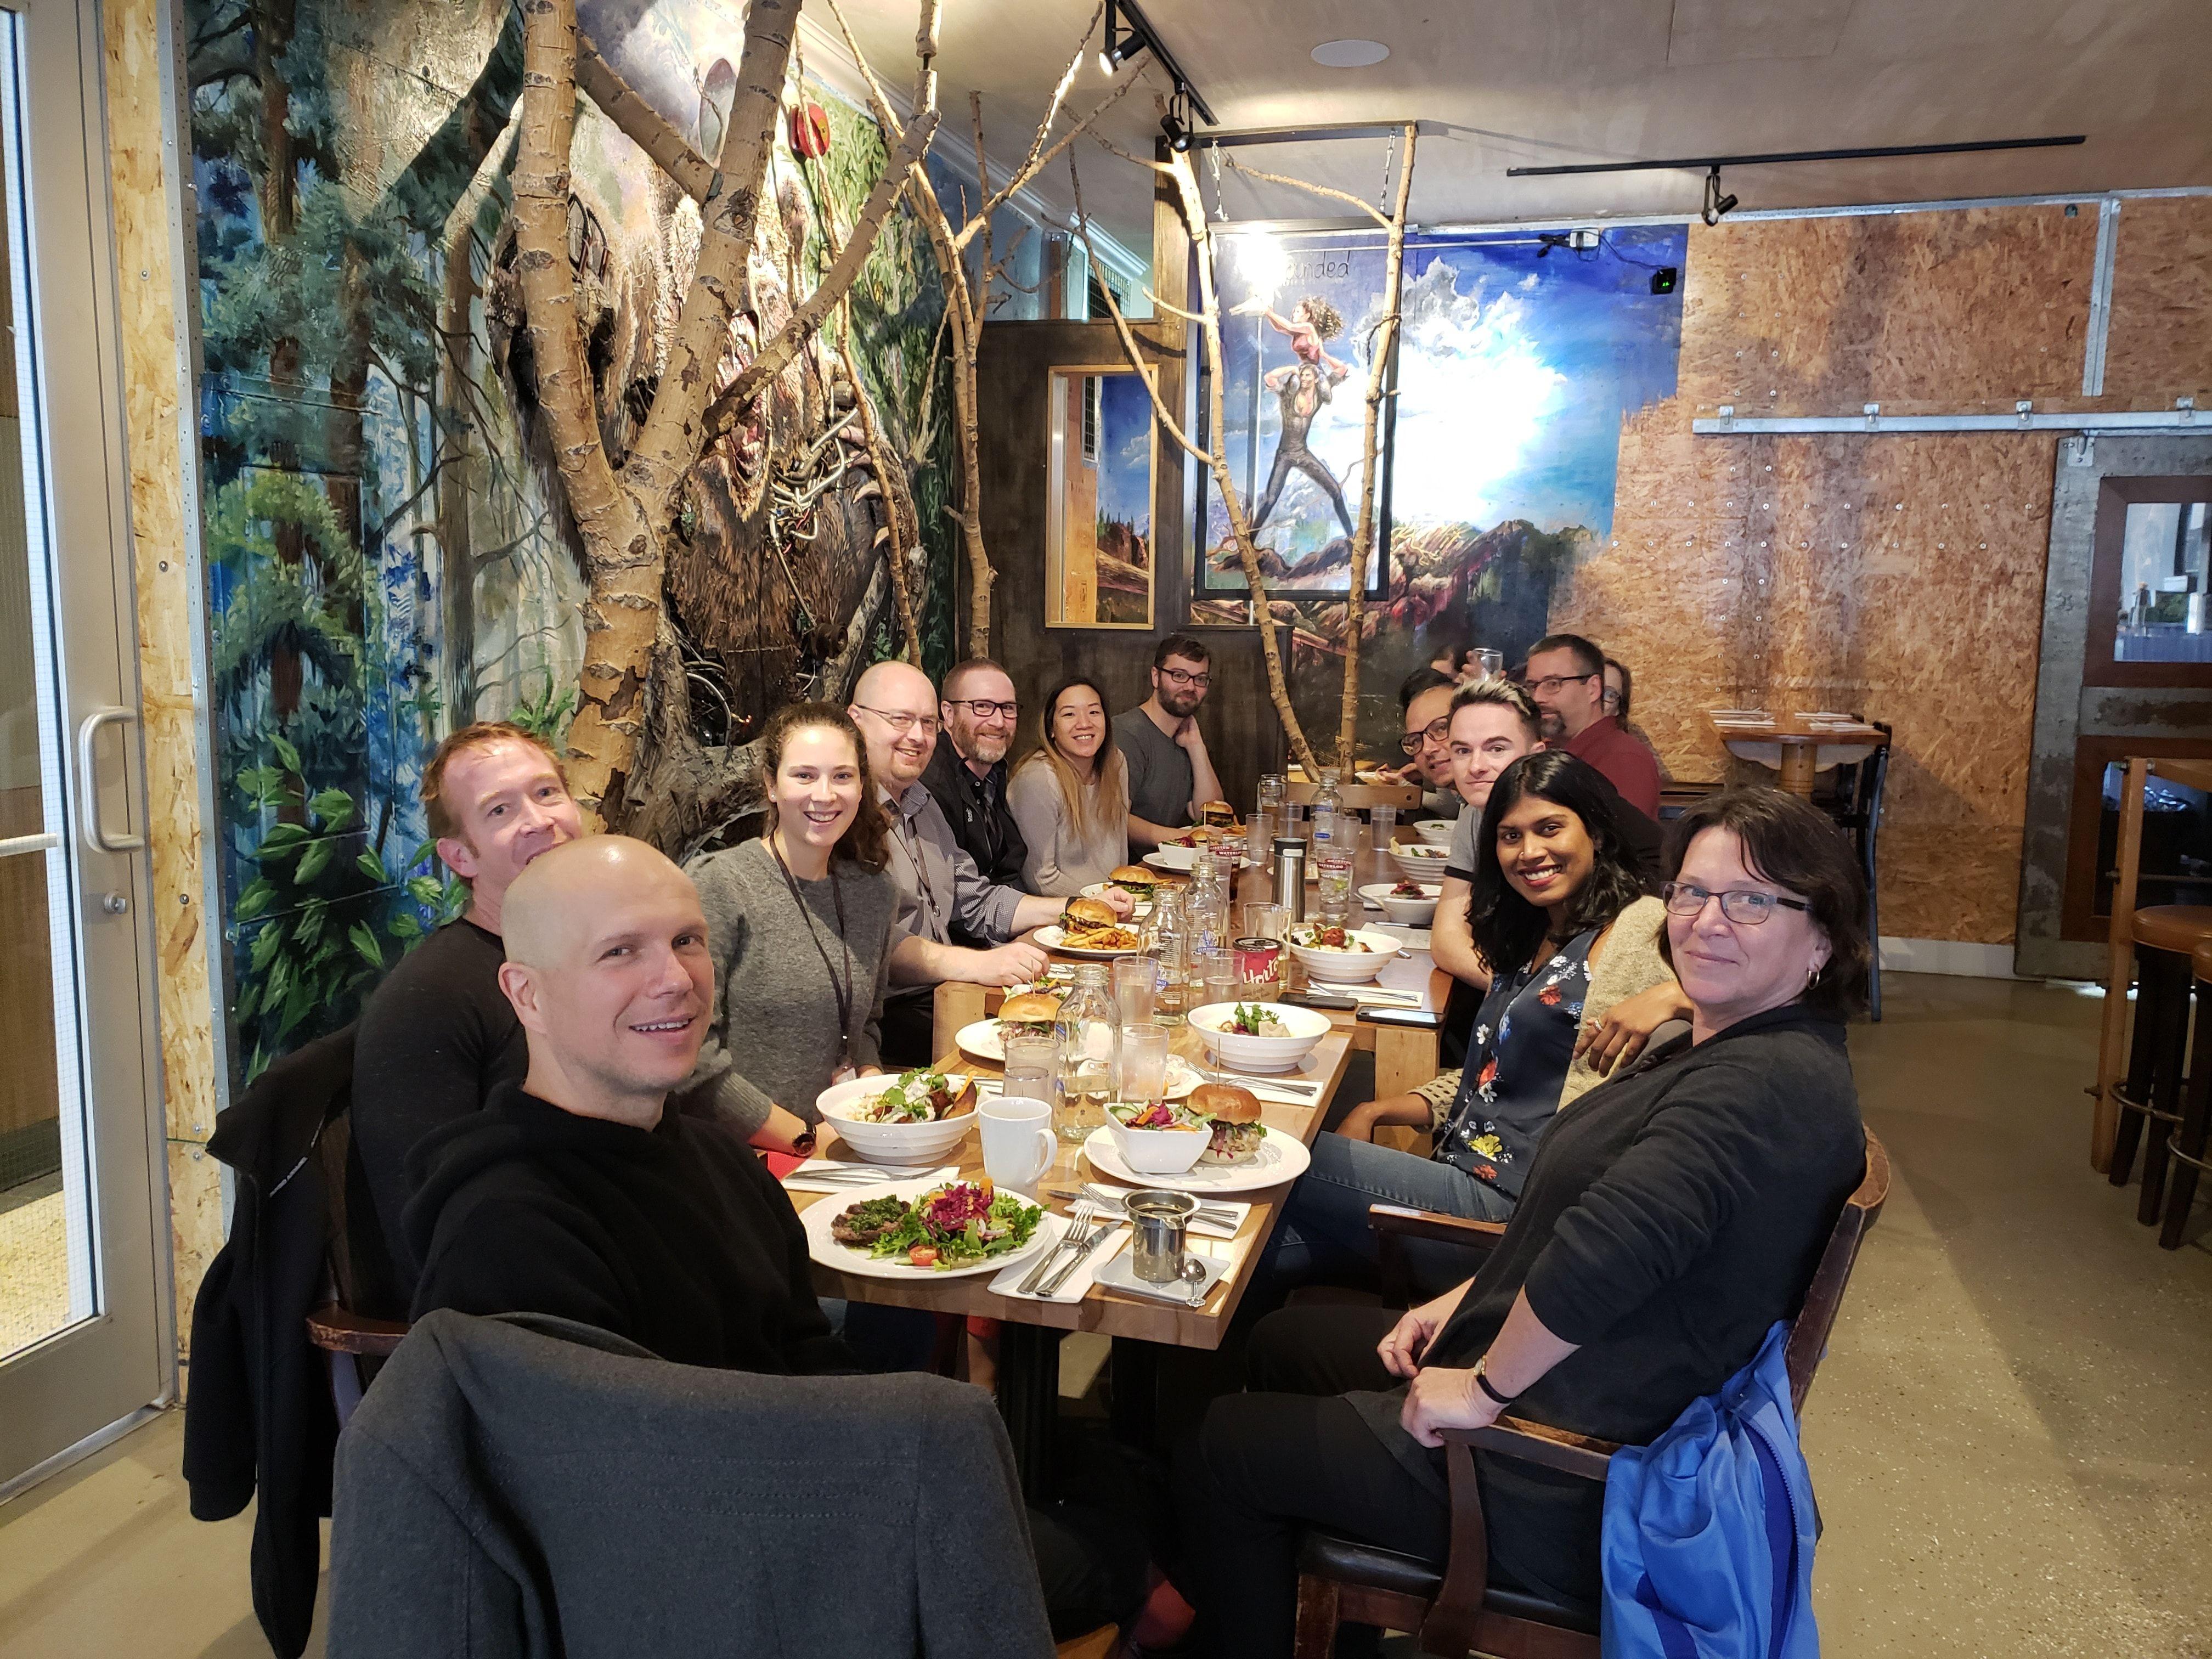 Les membres de l'équipe, assis autour d'une grande table dans un restaurant, sourient pour une photo.